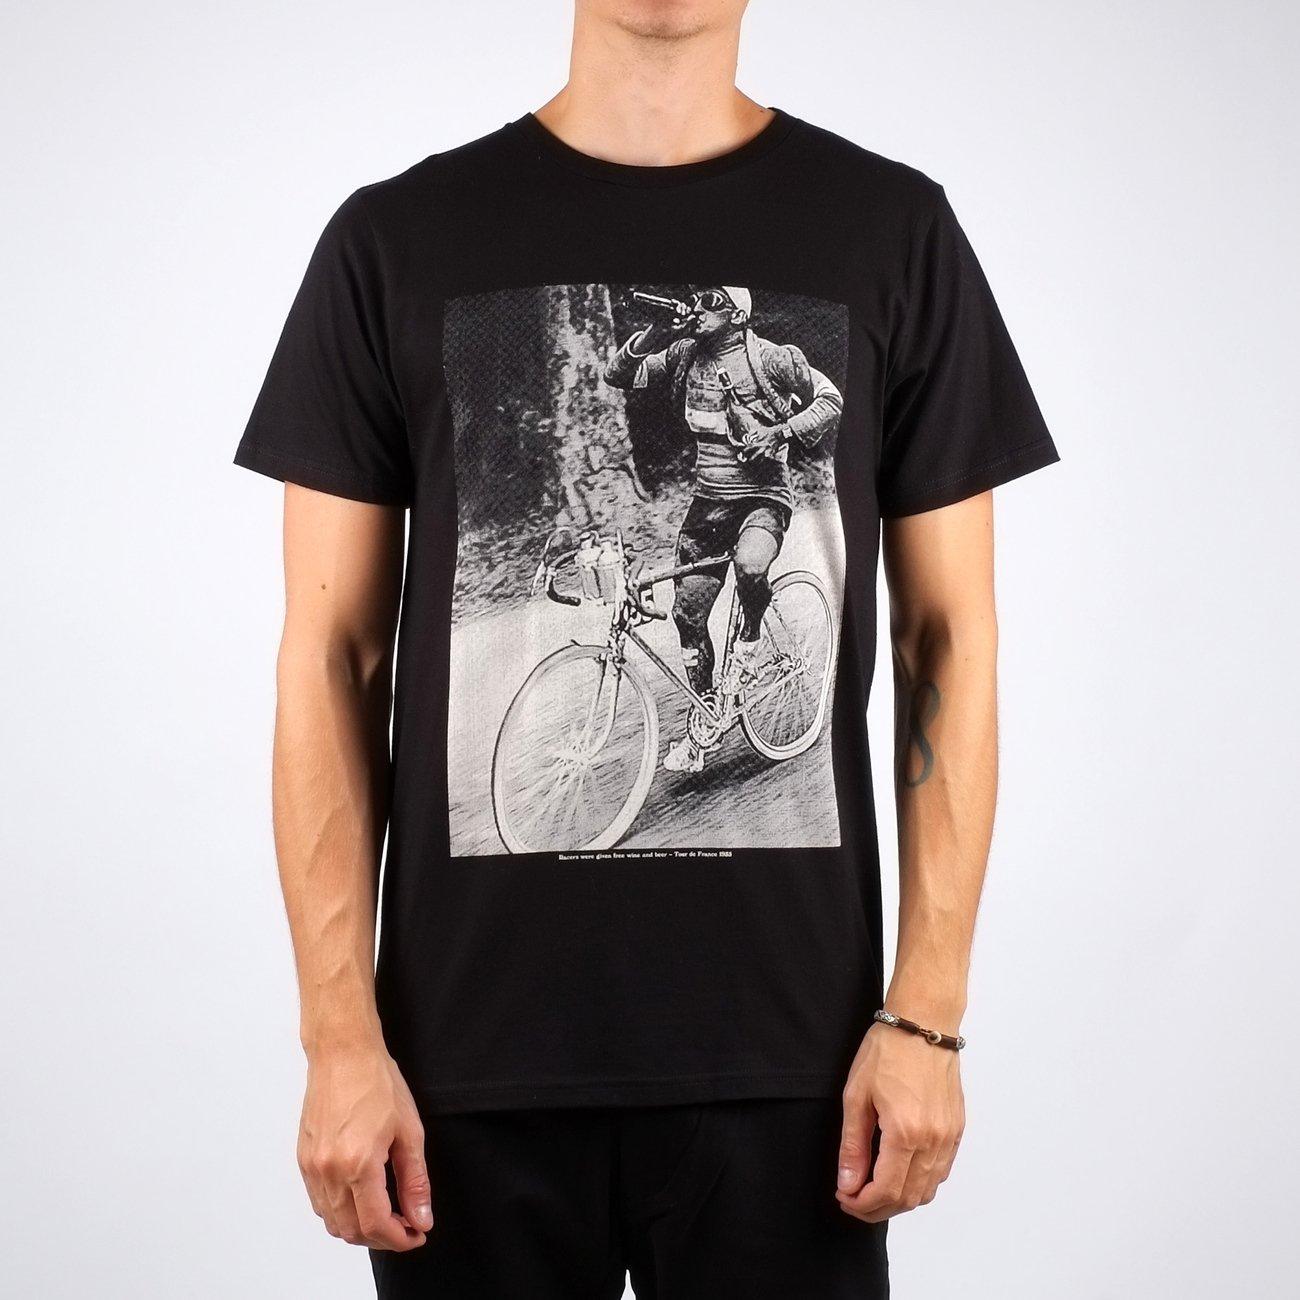 Stockholm T-shirt Beer Biker